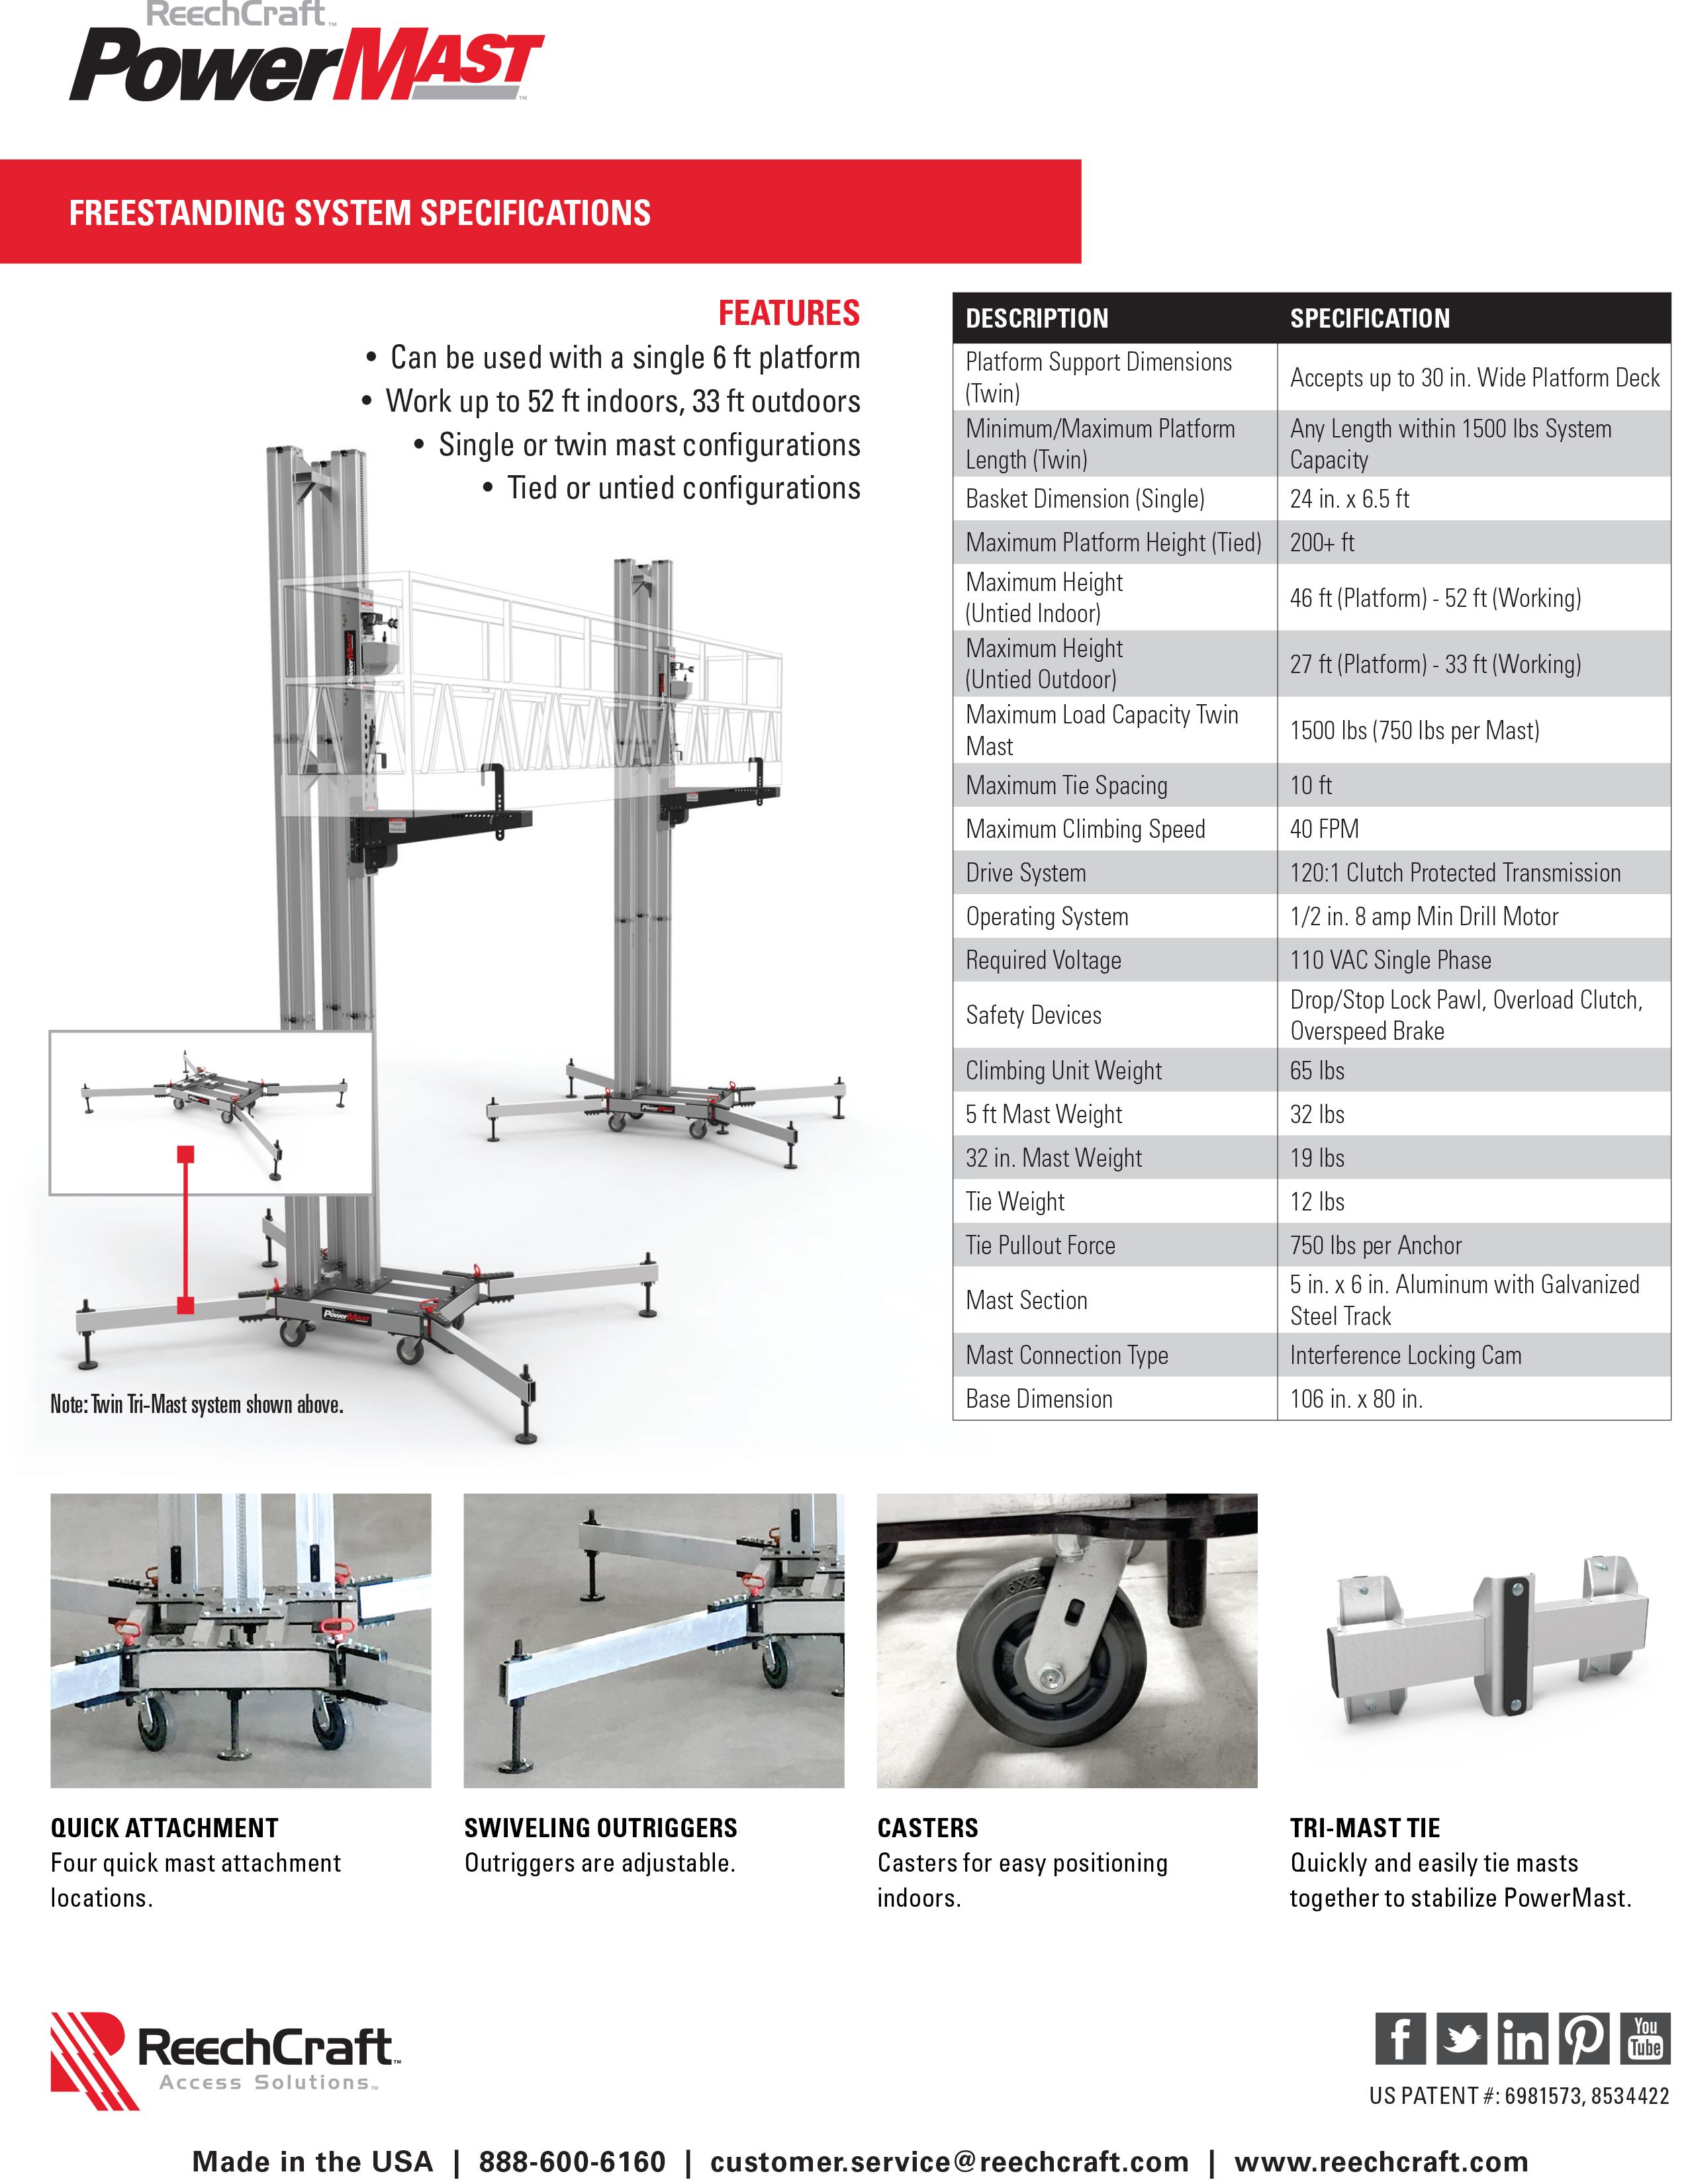 powermast-brochure-2020-4.jpg